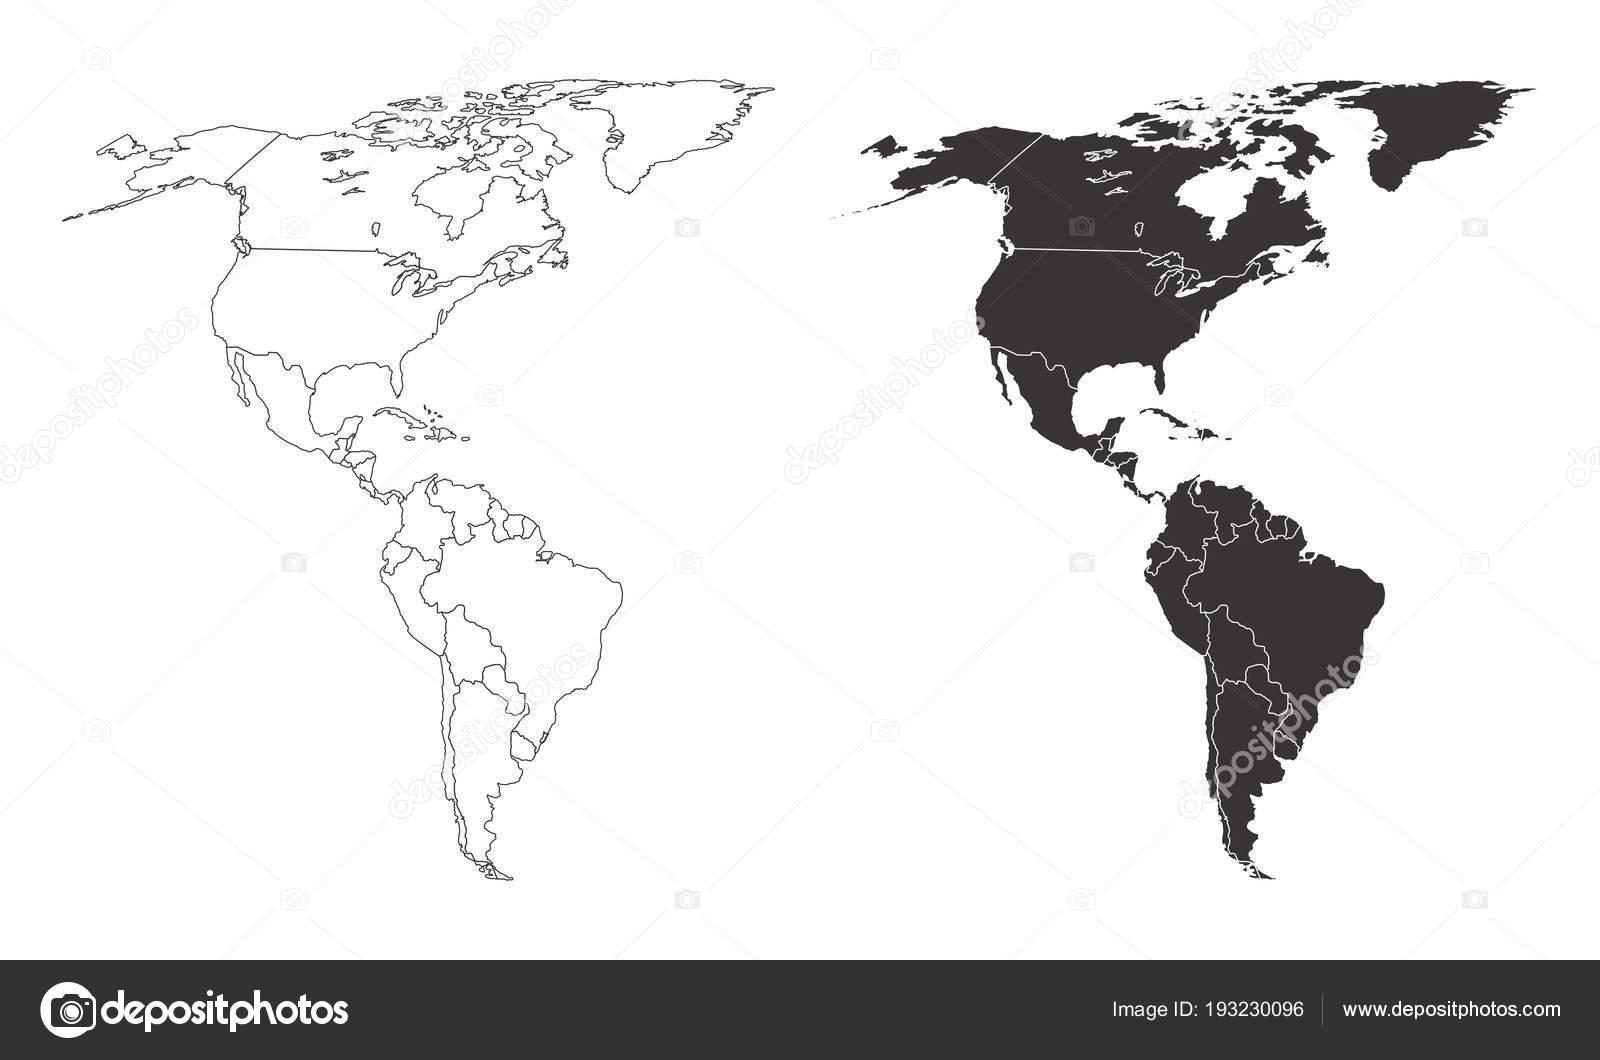 Amerika Karte Schwarz Weiß.Karten Von Amerika Stockvektor Luisrftc 193230096